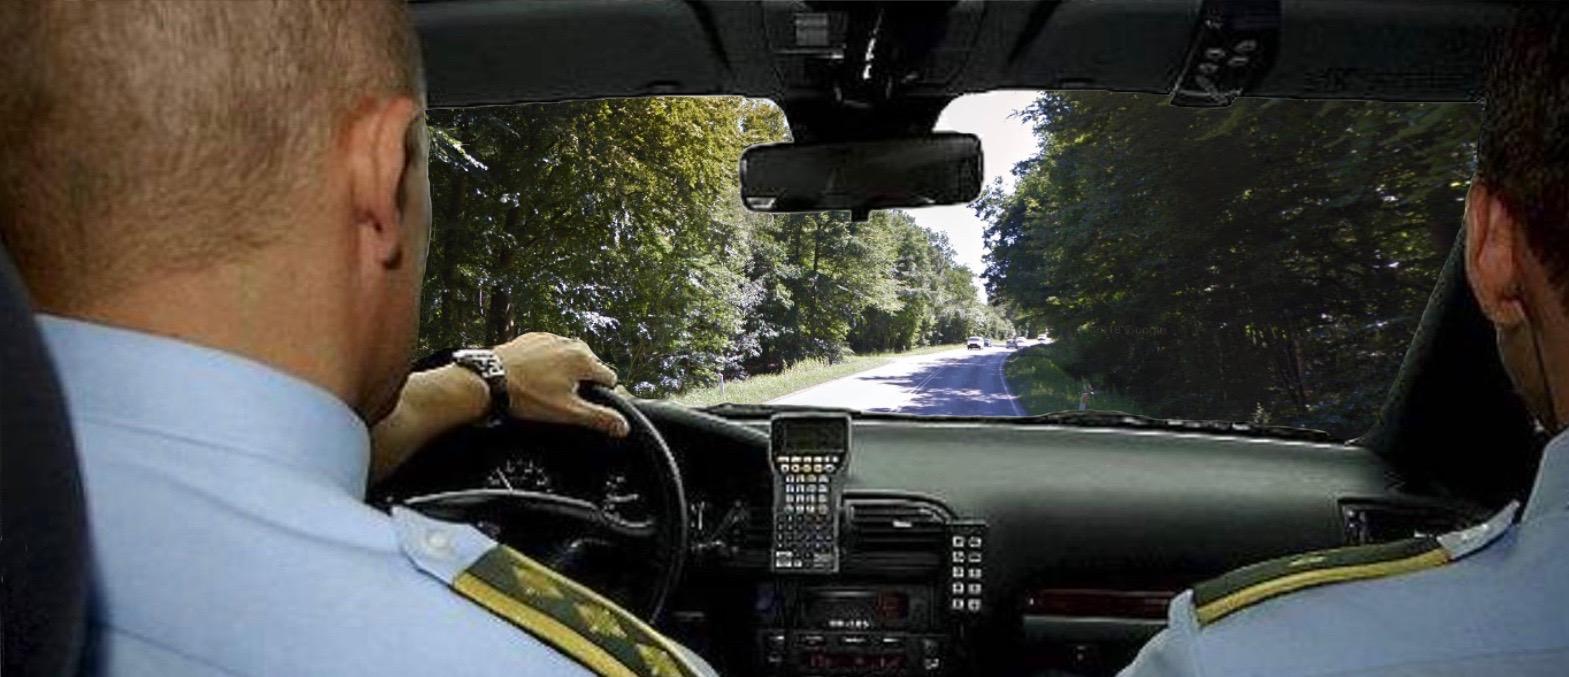 Lørdag aften standsede Nordsjællands Politi en personbil på Nymøllevej. De viste sig, at såvel fører som passager var påvirket af hash. Arkivfoto